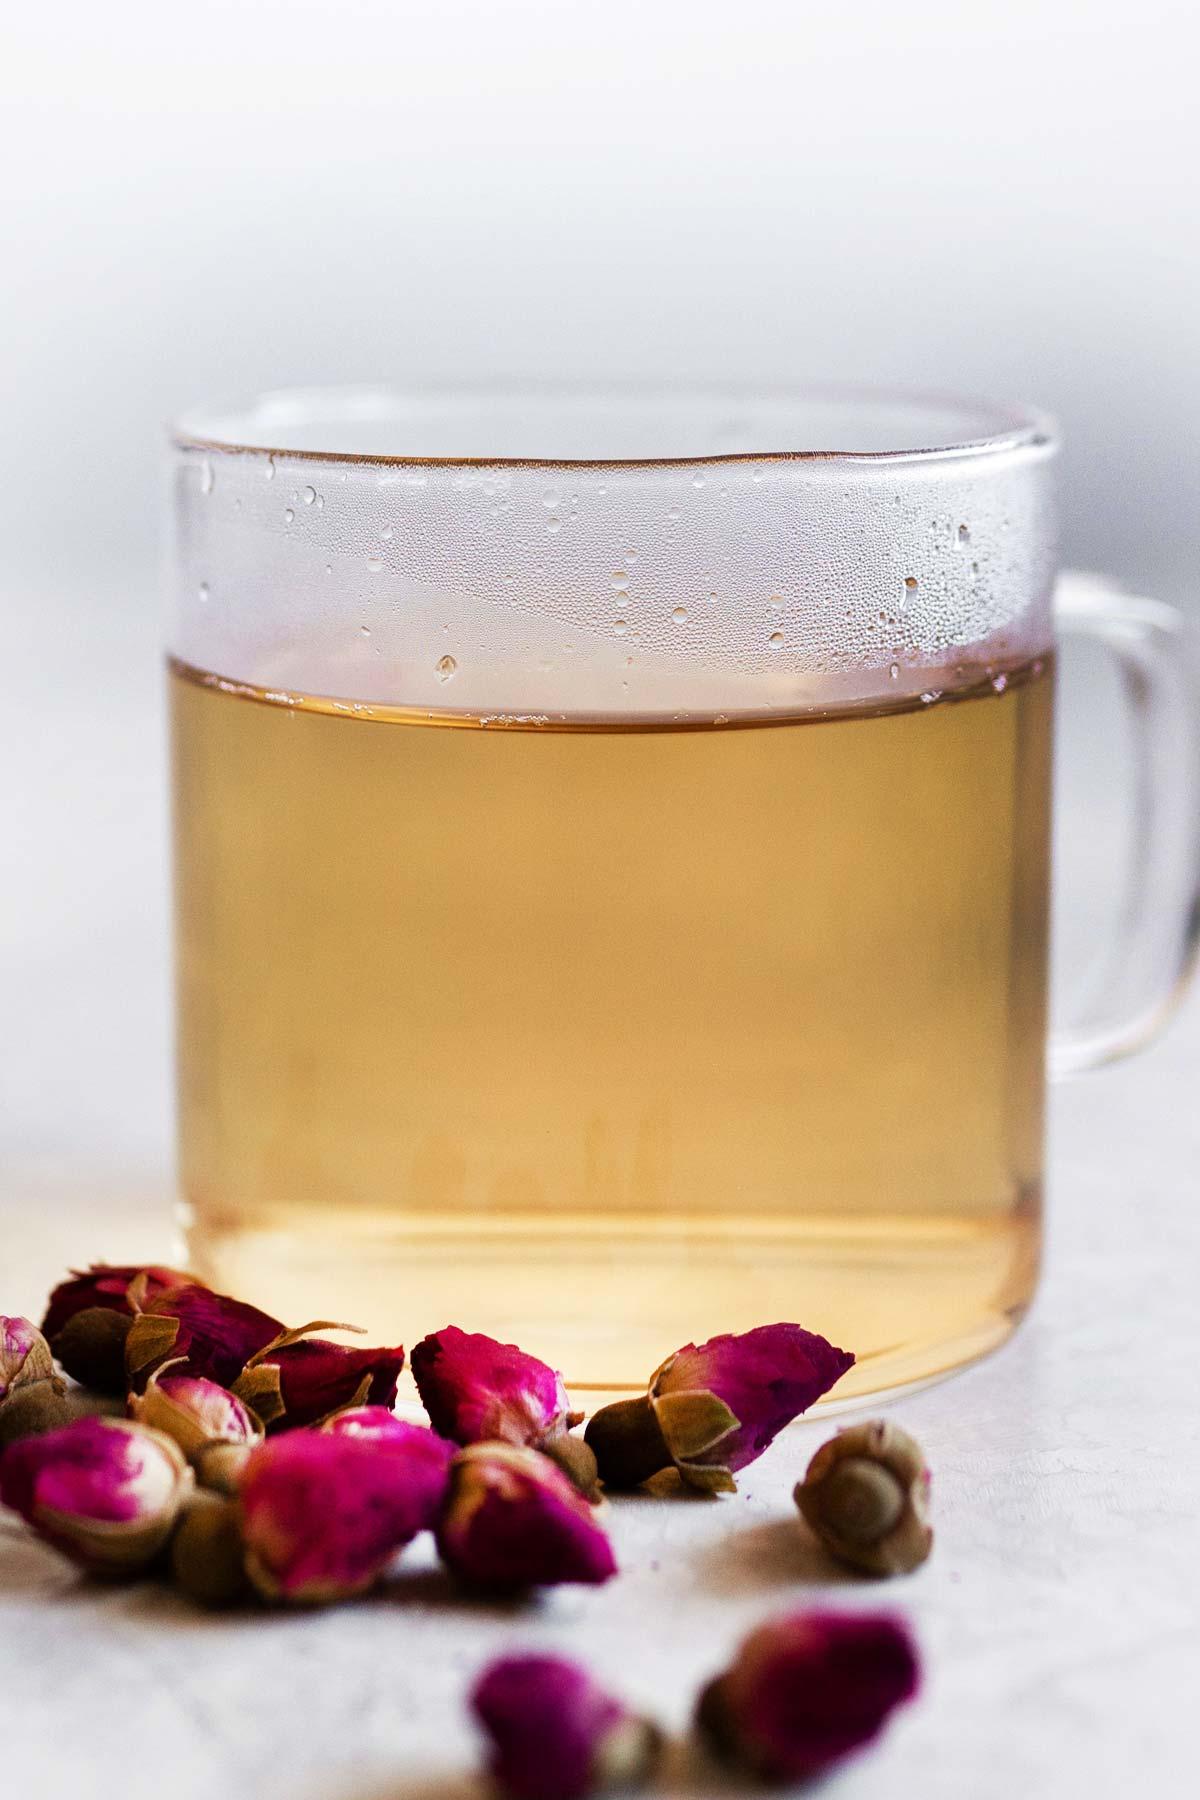 Hot rose tea in a glass mug.